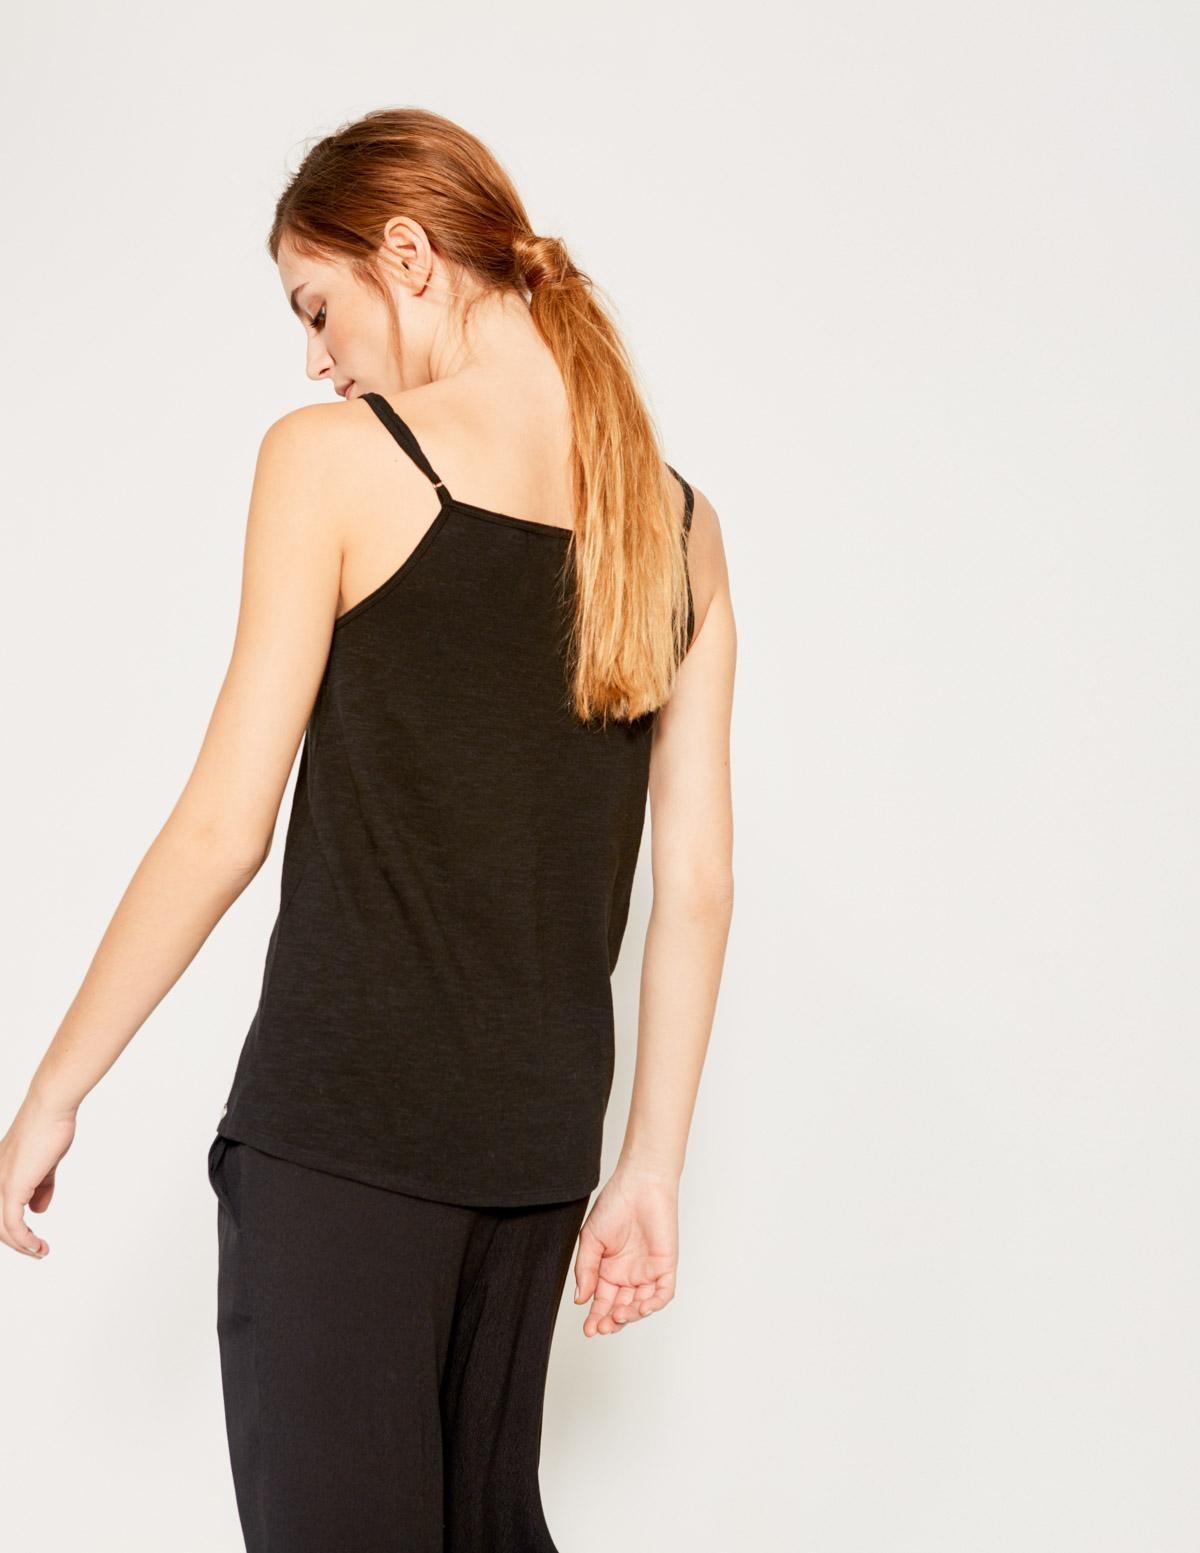 Camiseta tirantes puntilla - Ítem2